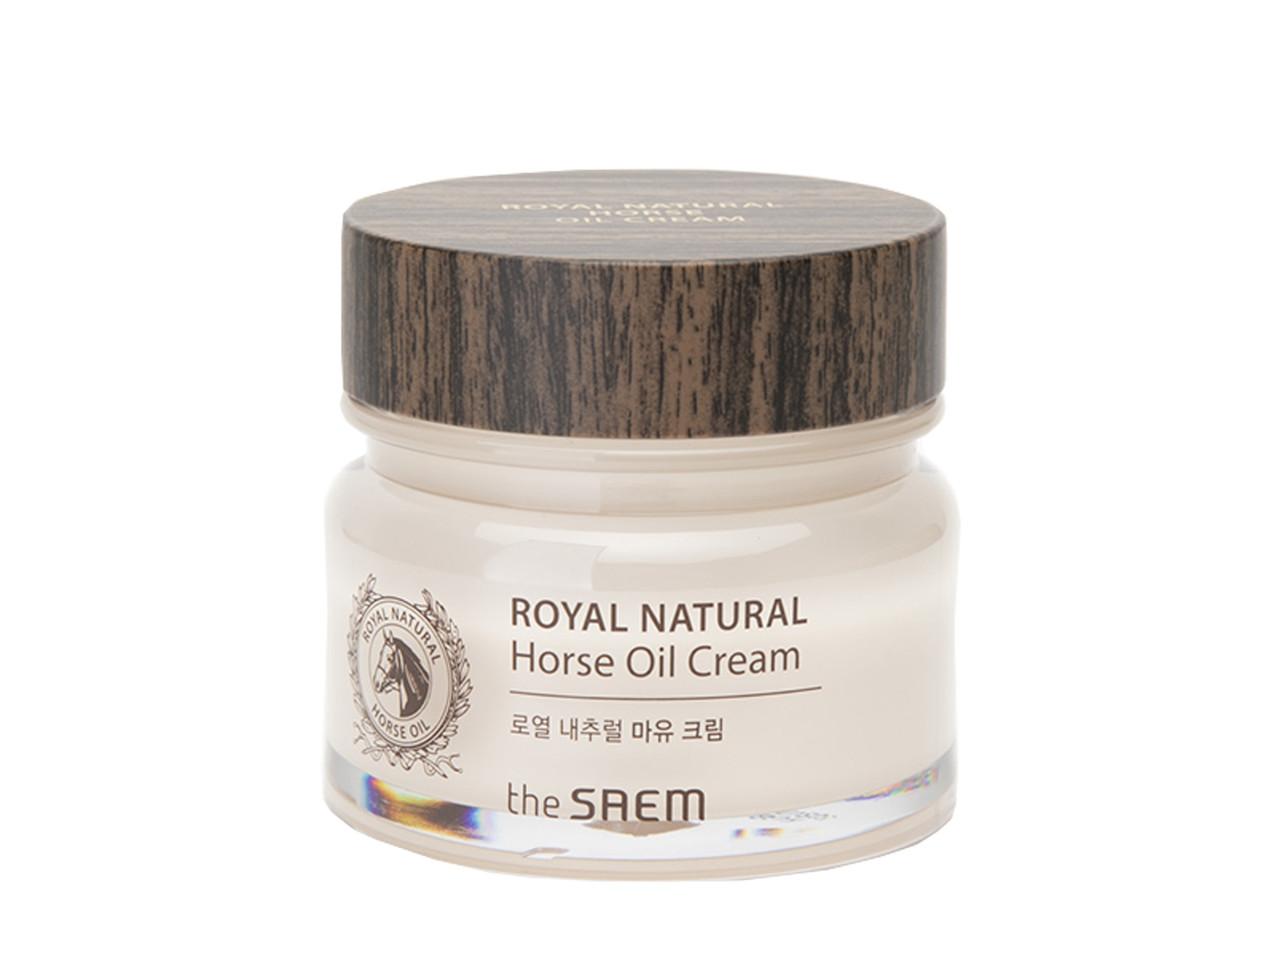 Питательный крем для лица с конским жиром и экстрактом трюфеля The Saem Royal Natural Horse Oil Cream 80 мл (8806164139233)